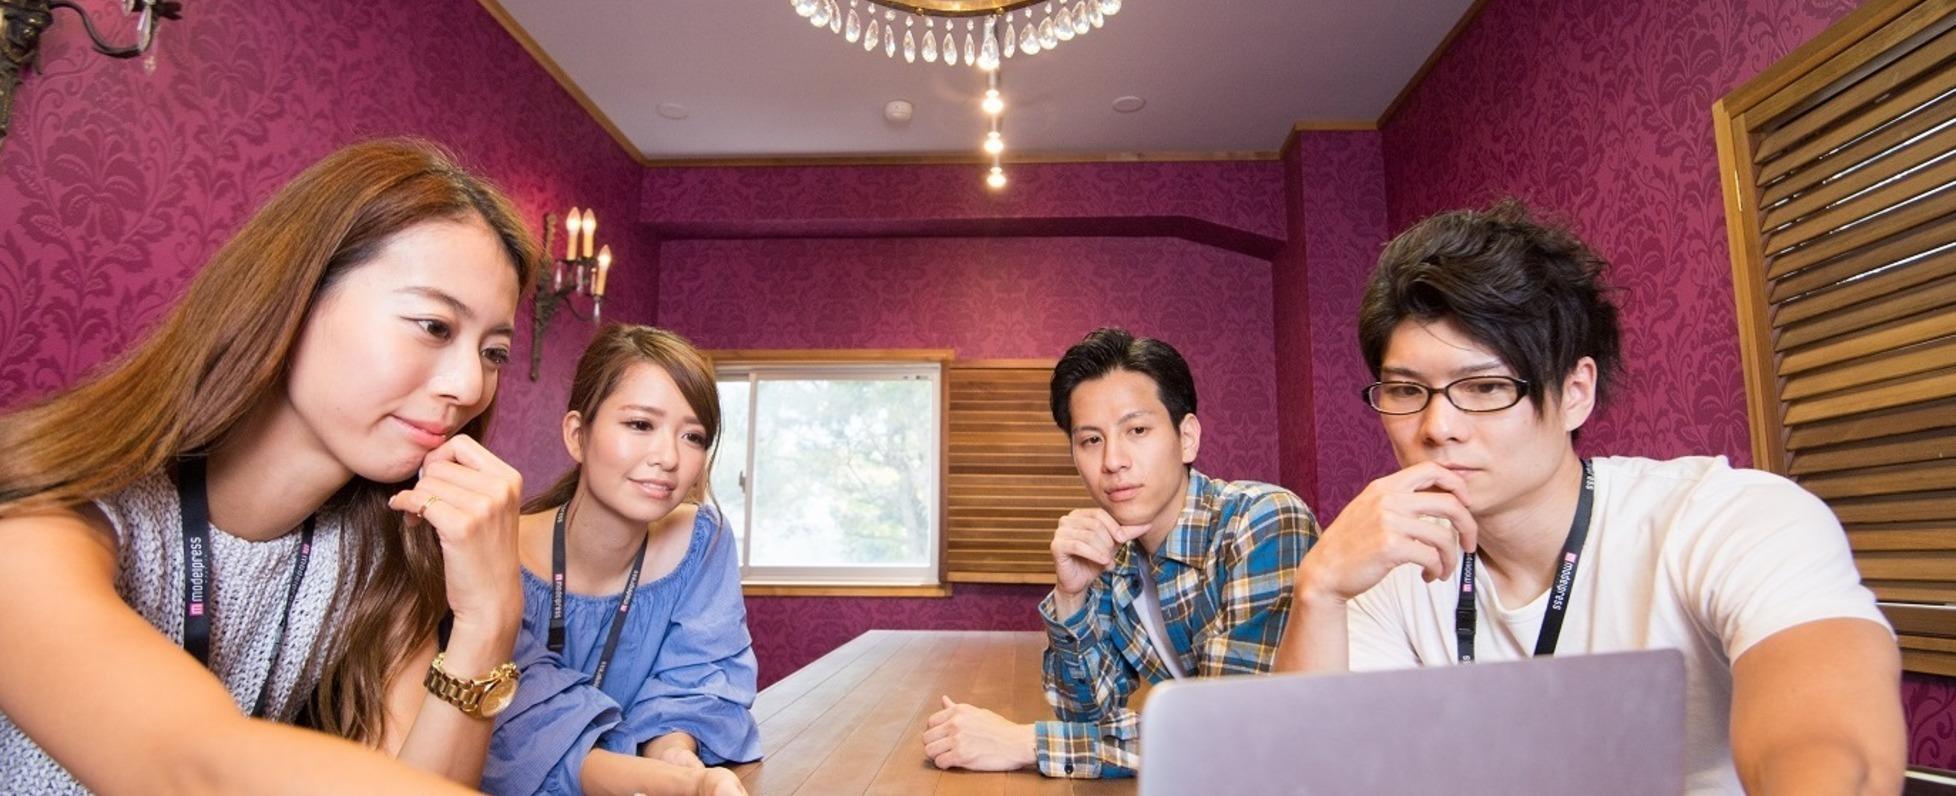 月間1.3億PVを誇る日本最大級の女性向けライフスタイル&エンタメ情報サイト「modelpress」におけるKotlinを用いたAndroidアプリ開発